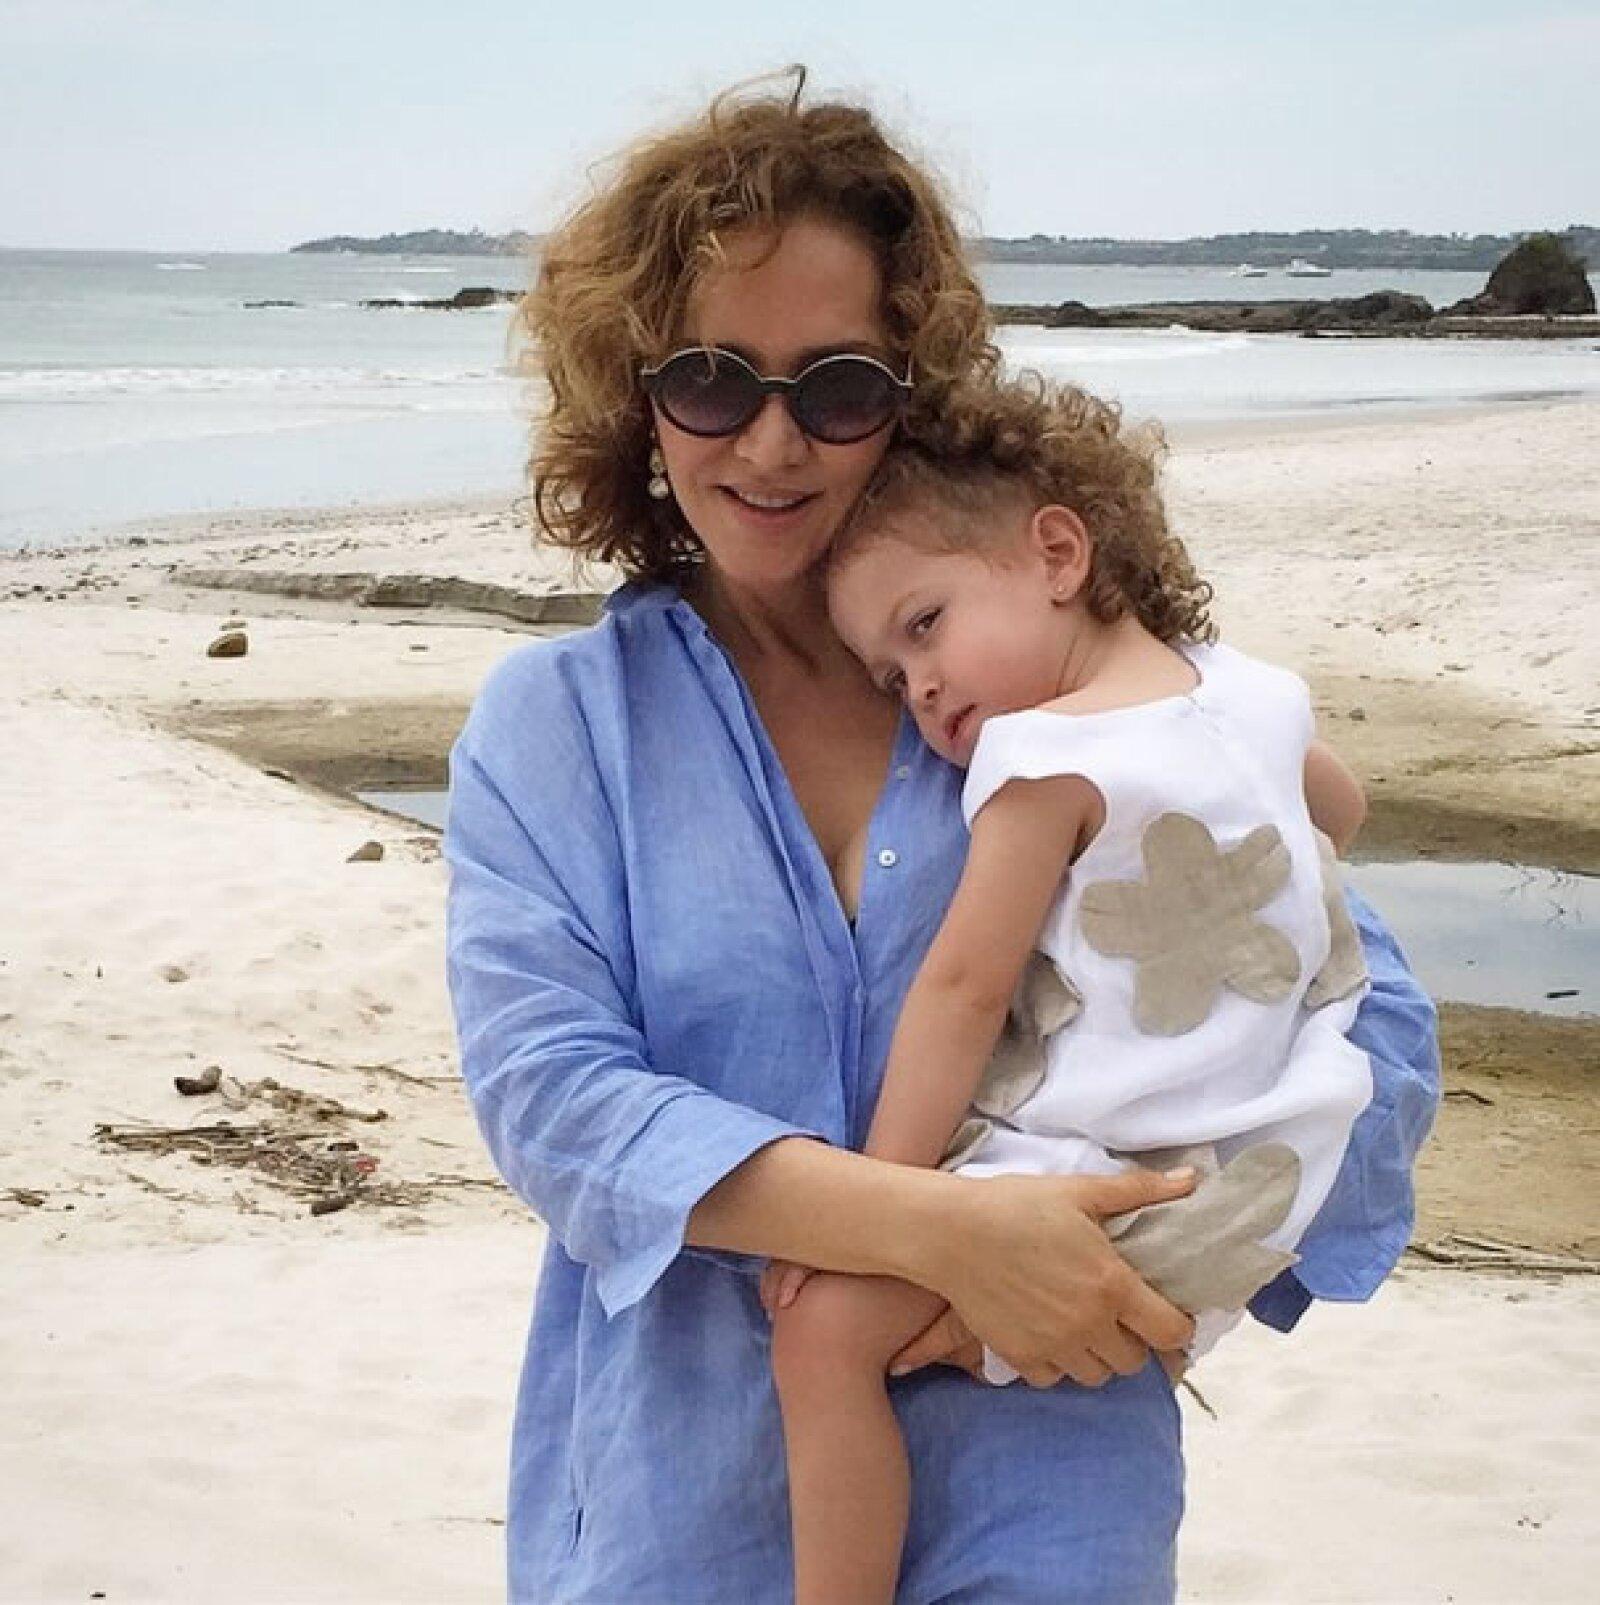 Tras darse a conocer que Jorge Vergara había destituido a su esposa Angélica Fuentes de su cargo como directora de Grupo Omnilife, esta fue una de las primeras imágenes que ella compartió en Instagram, junto a su hija Mariaignacia.